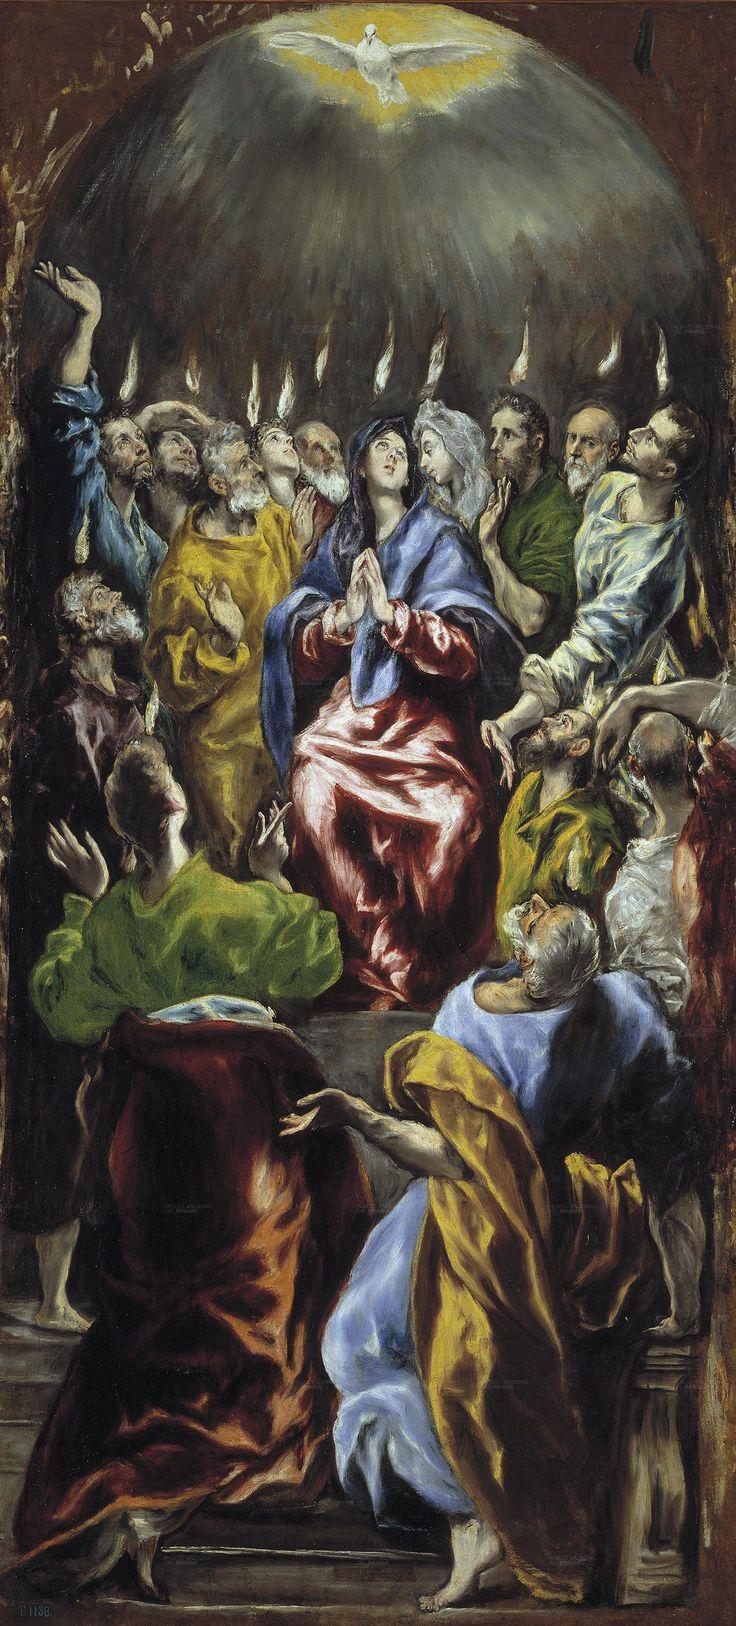 EL GRECO. Pentecostés. 1597. Realizado para el retablo de doña María de Aragón. Prado